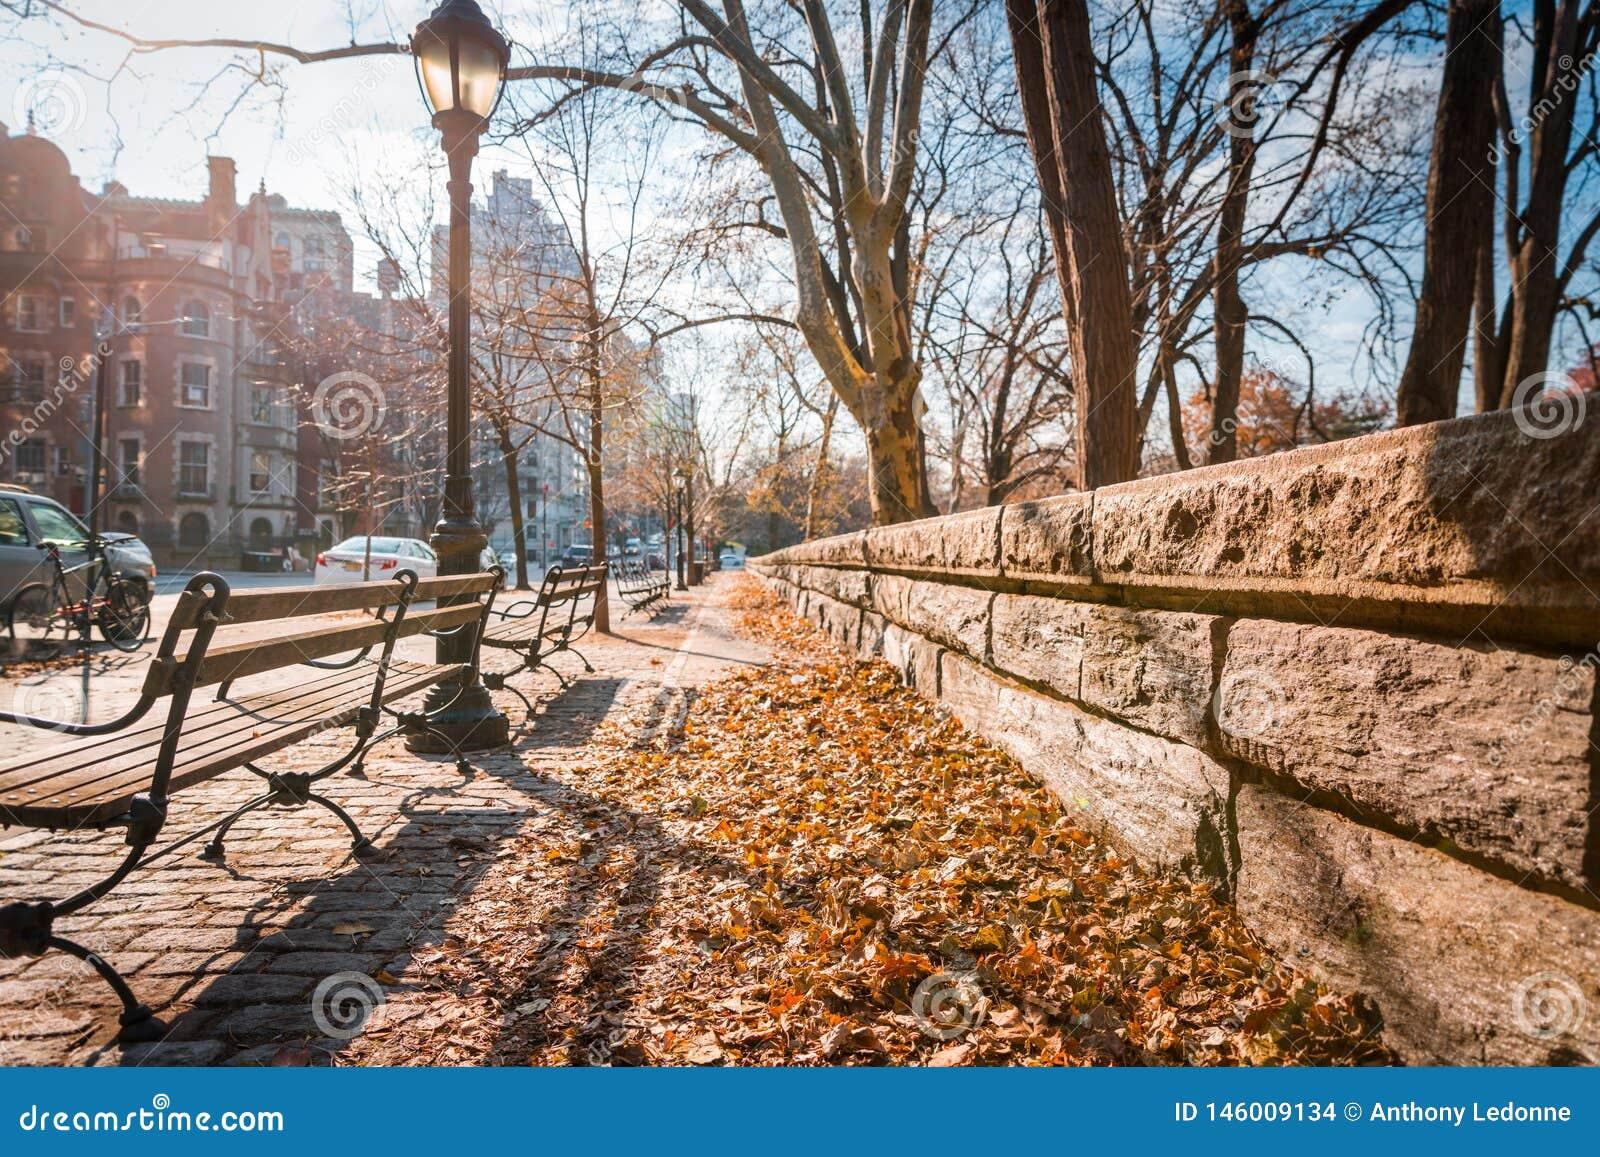 Покрытый лист тротуар в Нью-Йорке